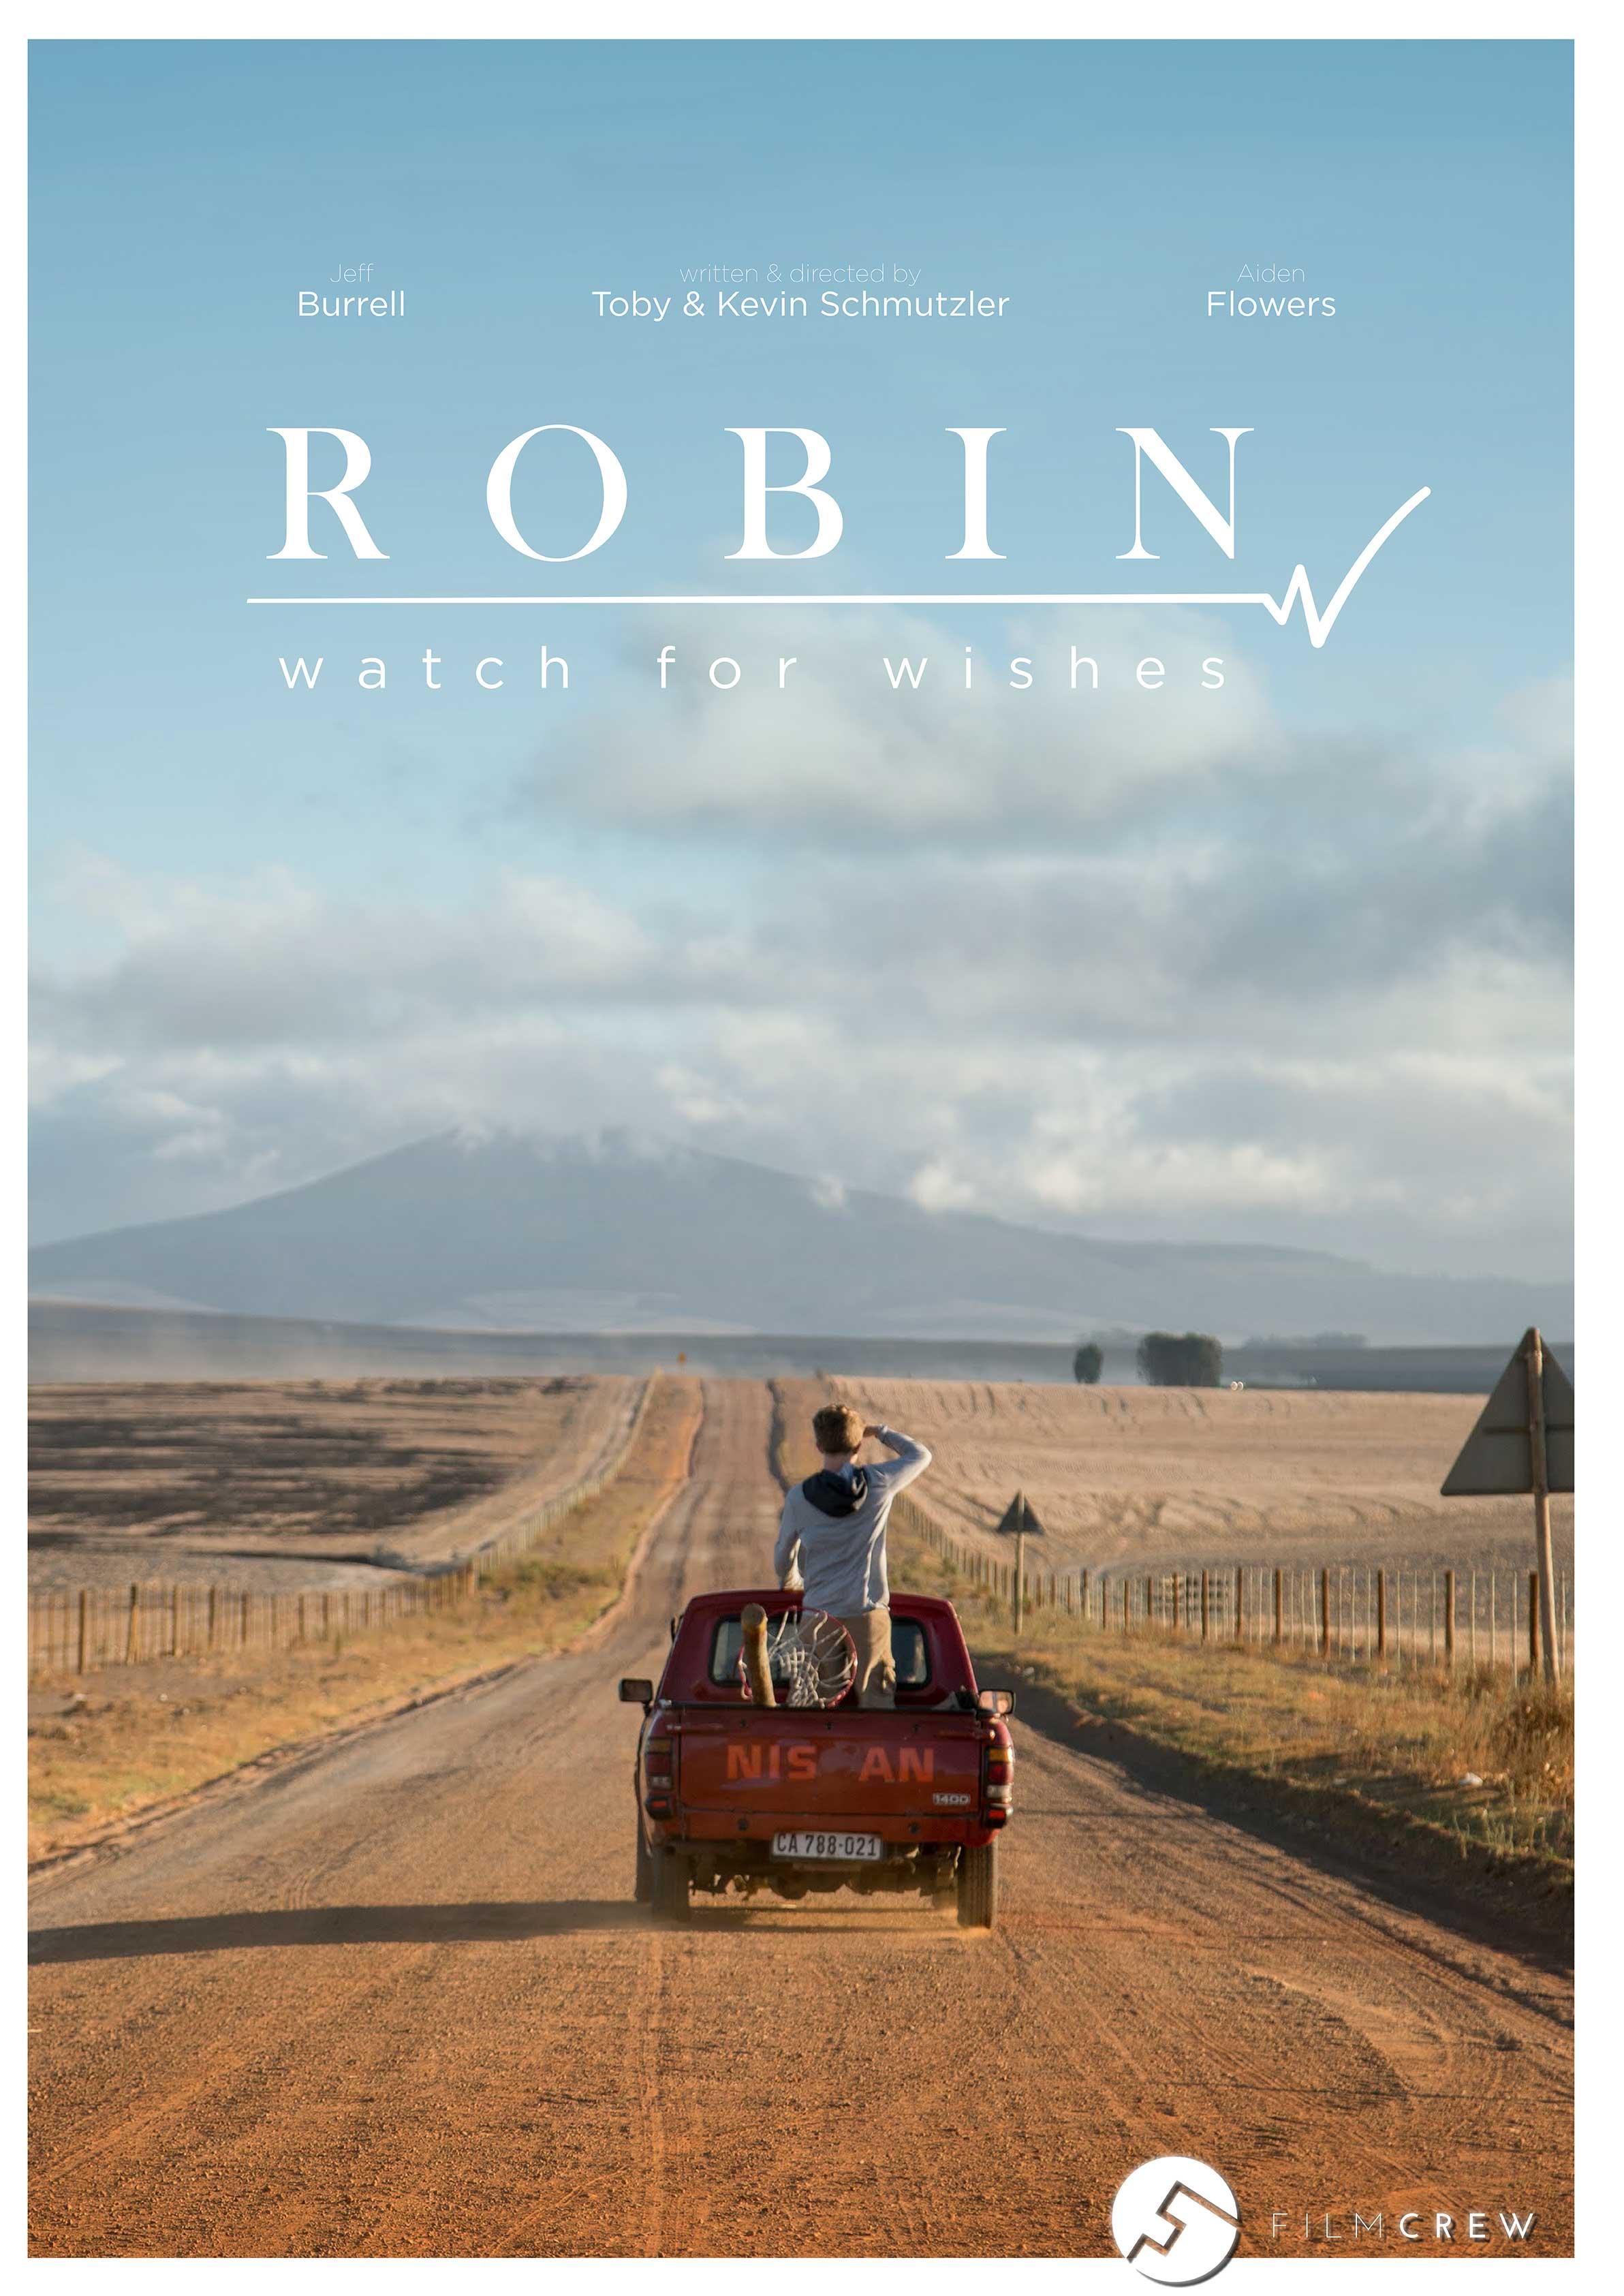 Robin_wallpaper_drive2.jpg